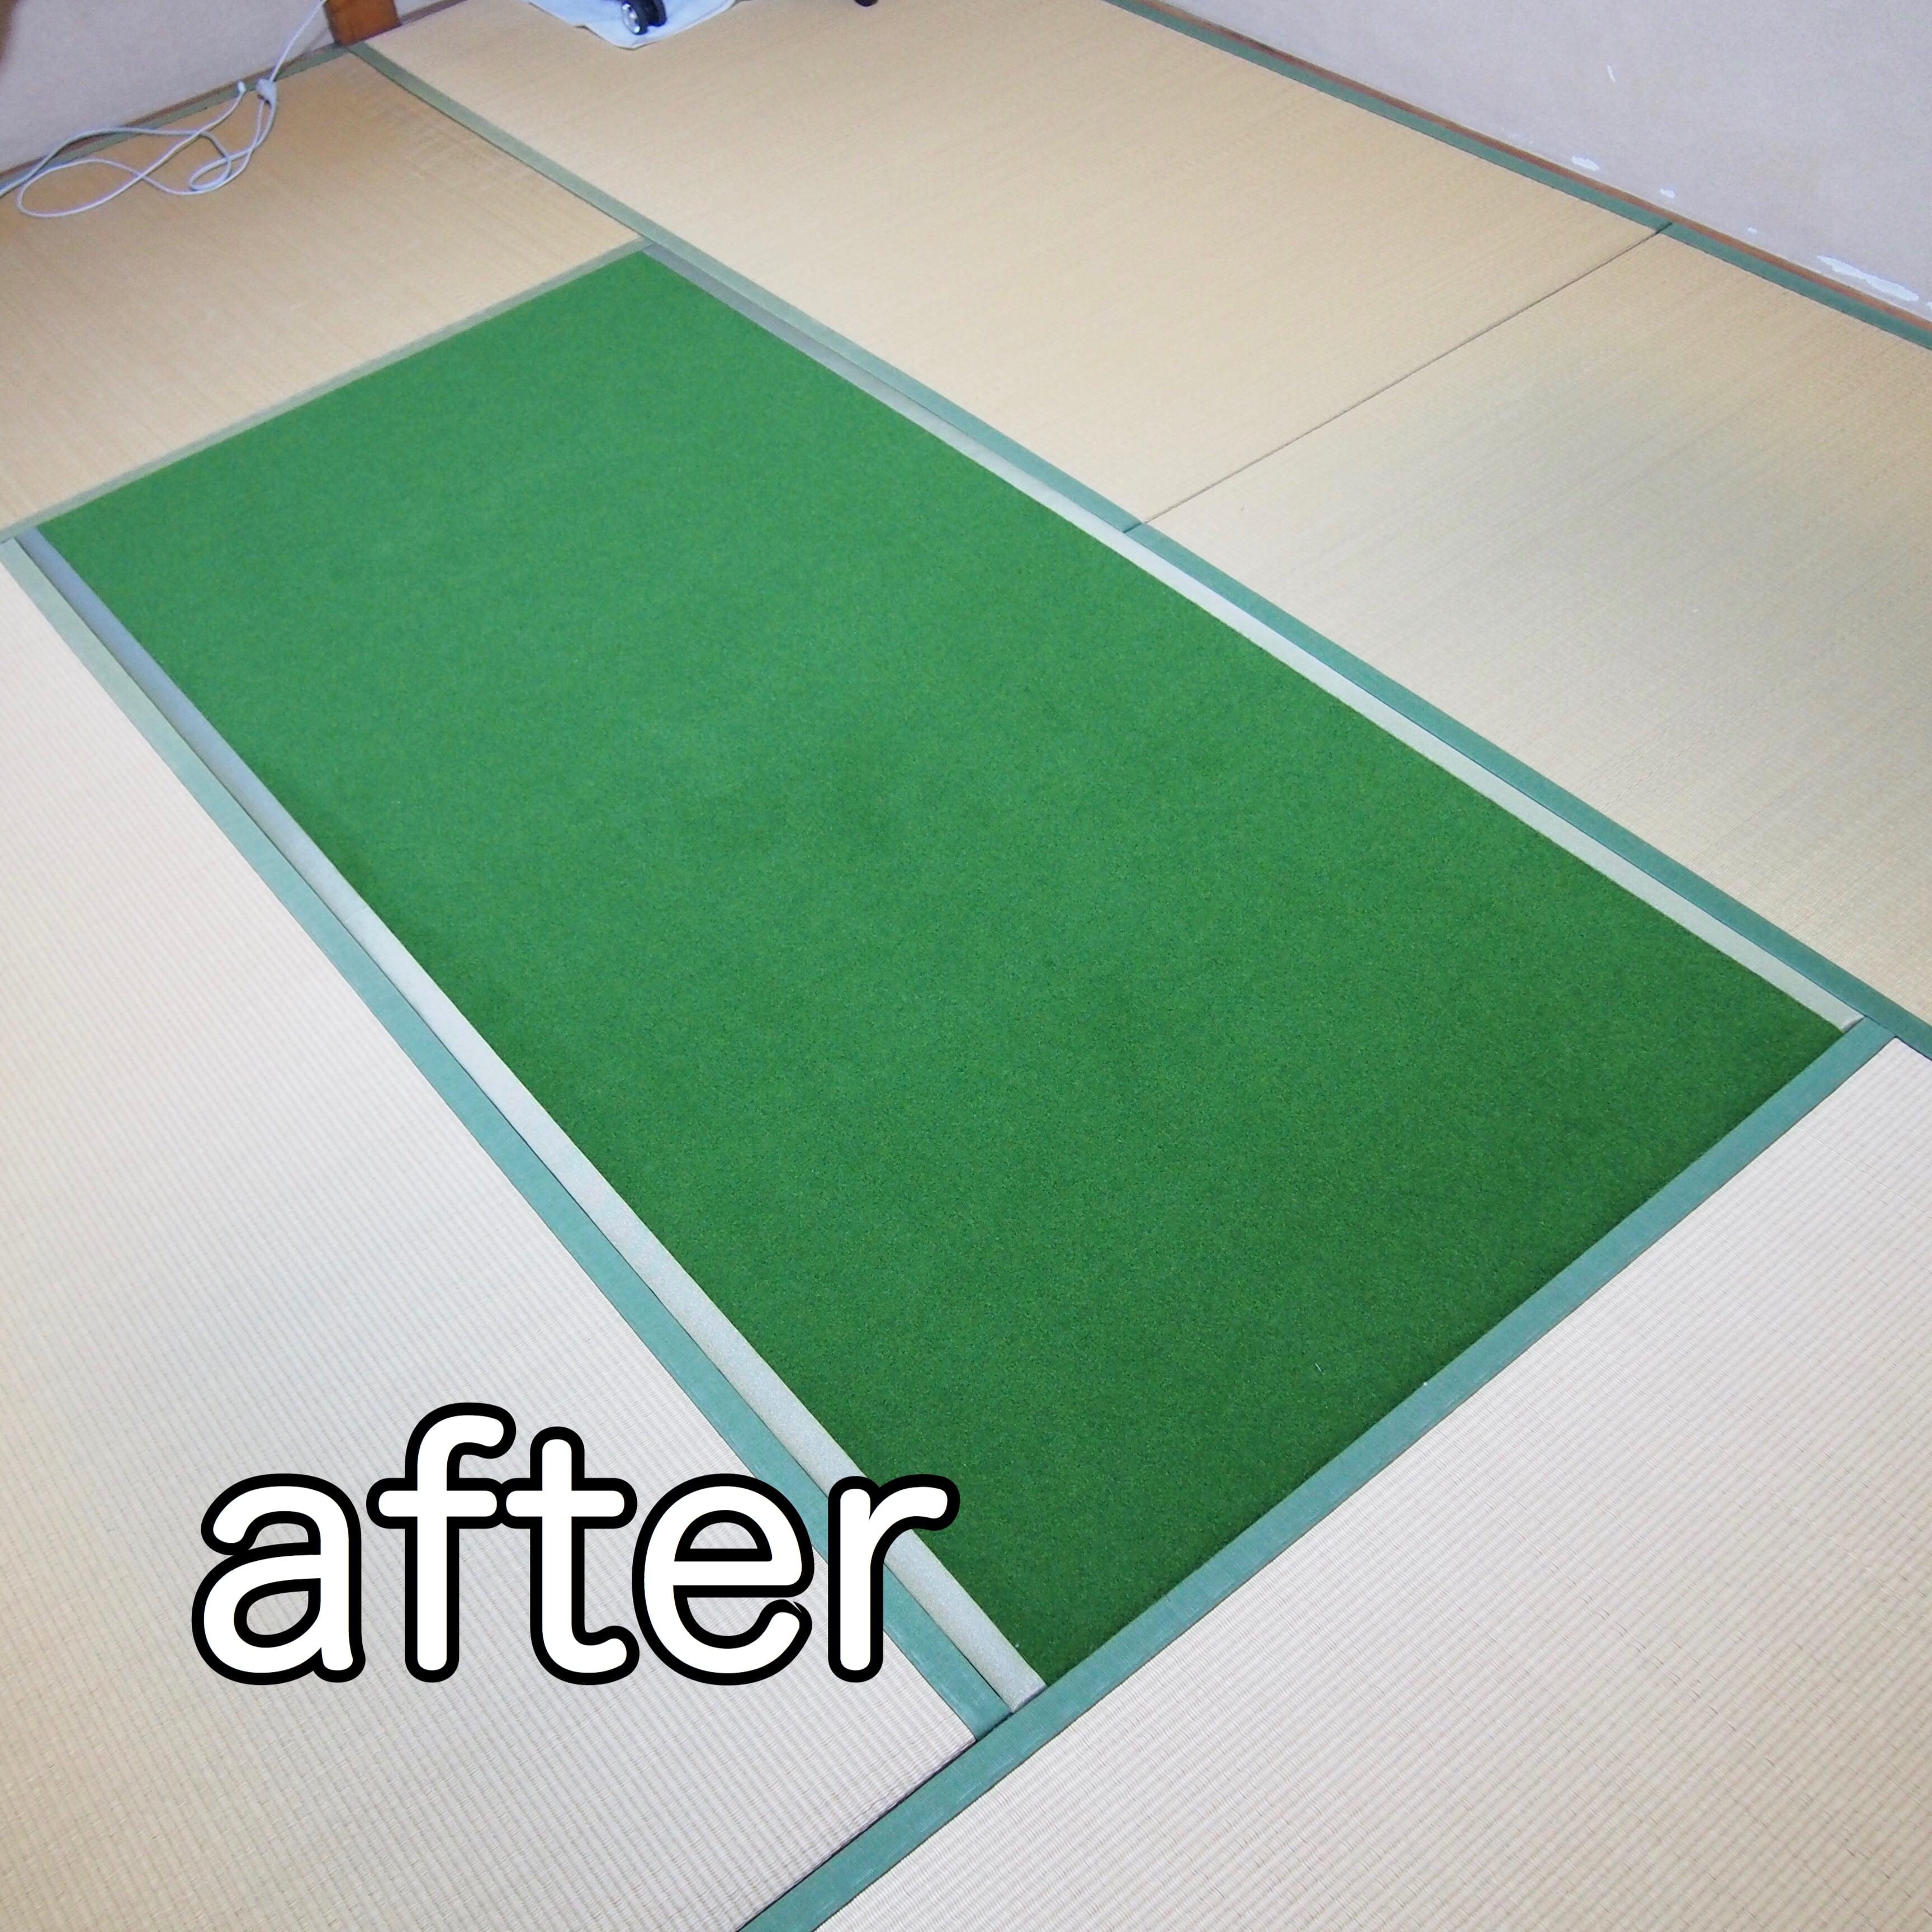 ゴルフパター練習用/畳パターマット/畳部屋がゴルフの練習所に!!のイメージその3